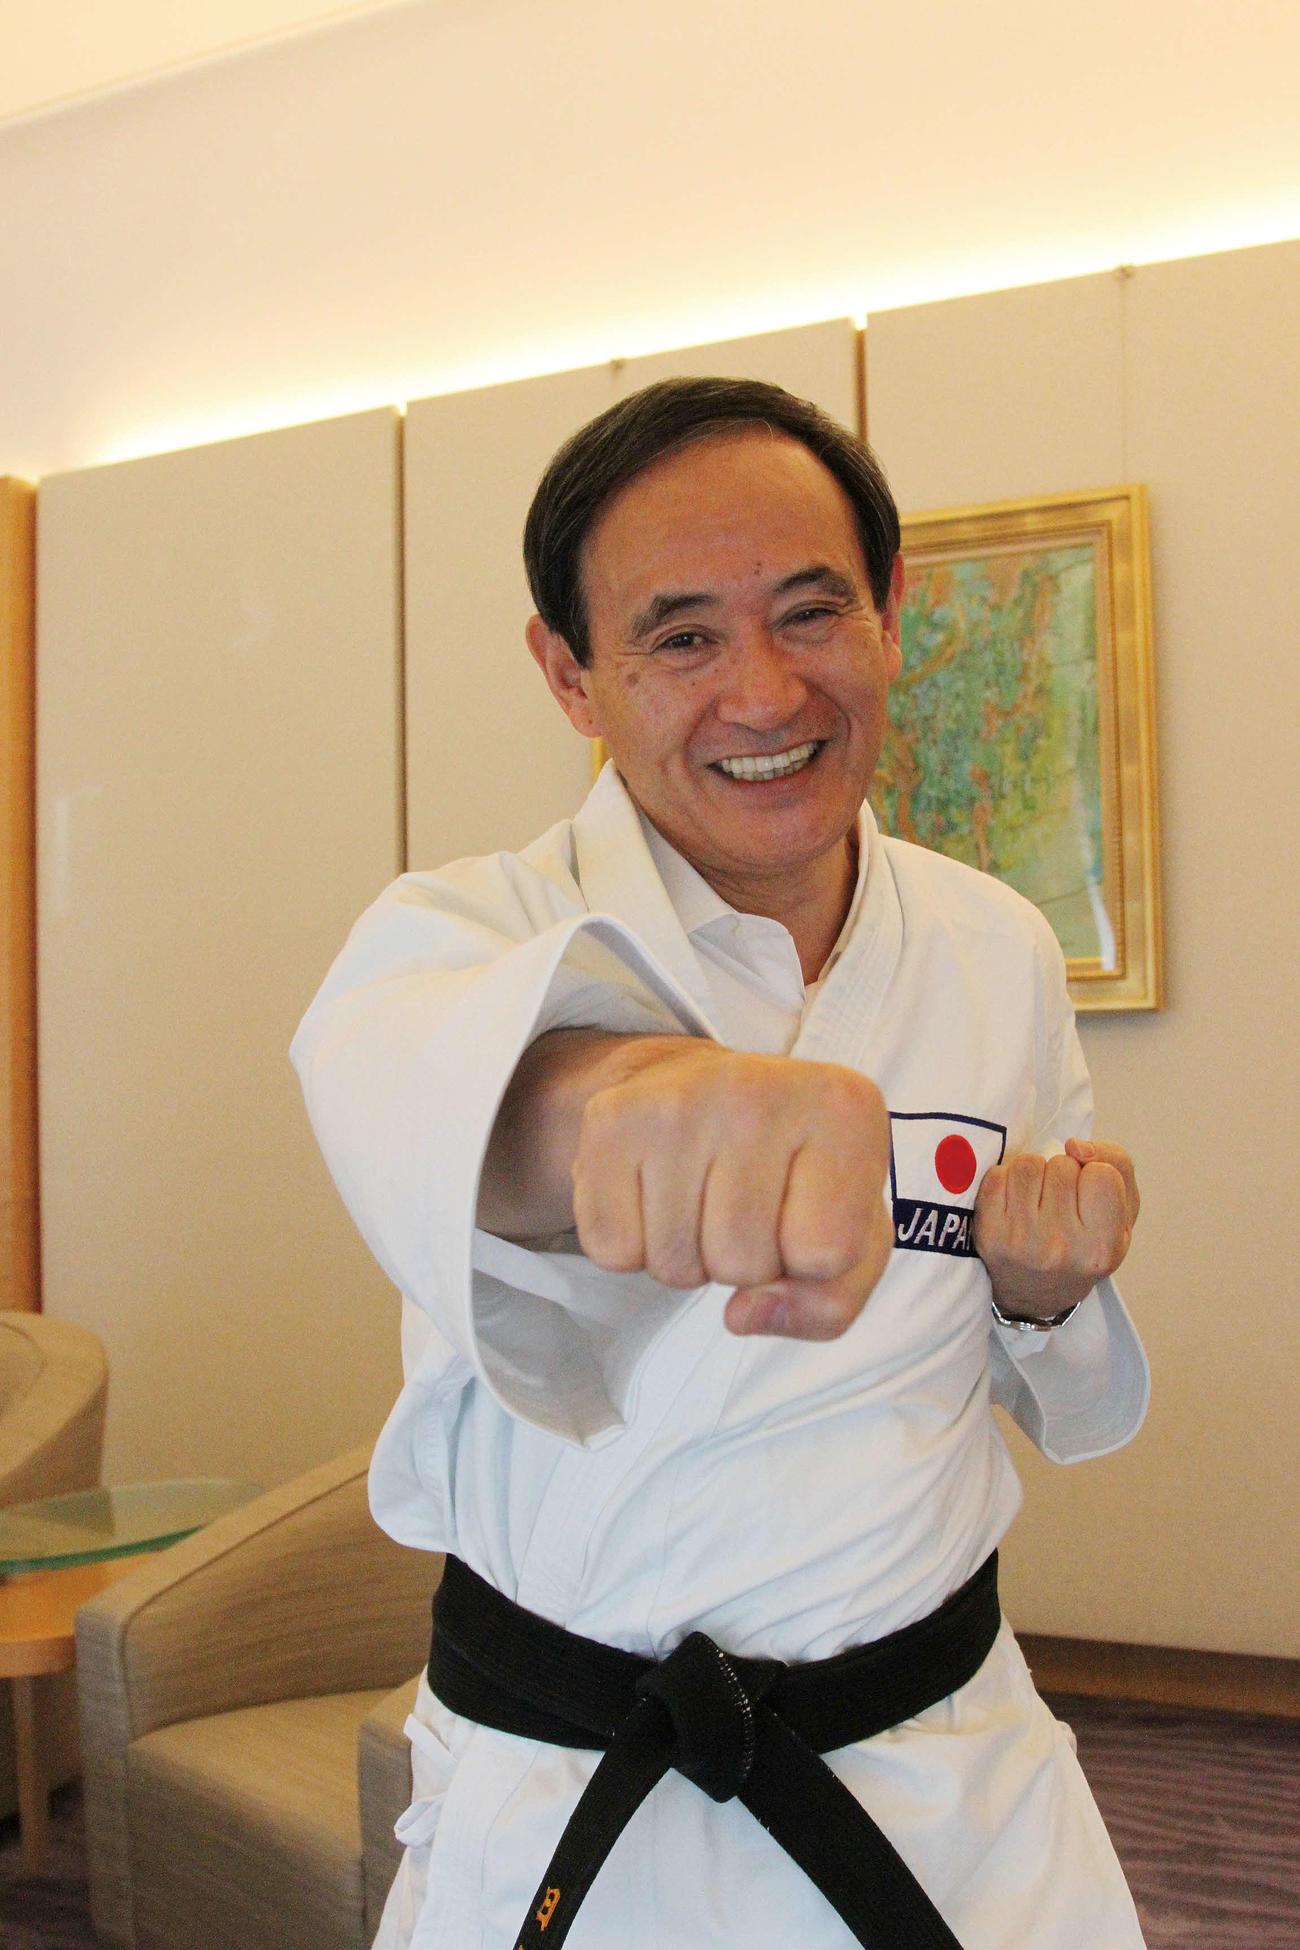 官房長官時代の2013年12月に、空手道着姿で正拳突きを披露する菅首相=(公財)全日本空手道連盟提供